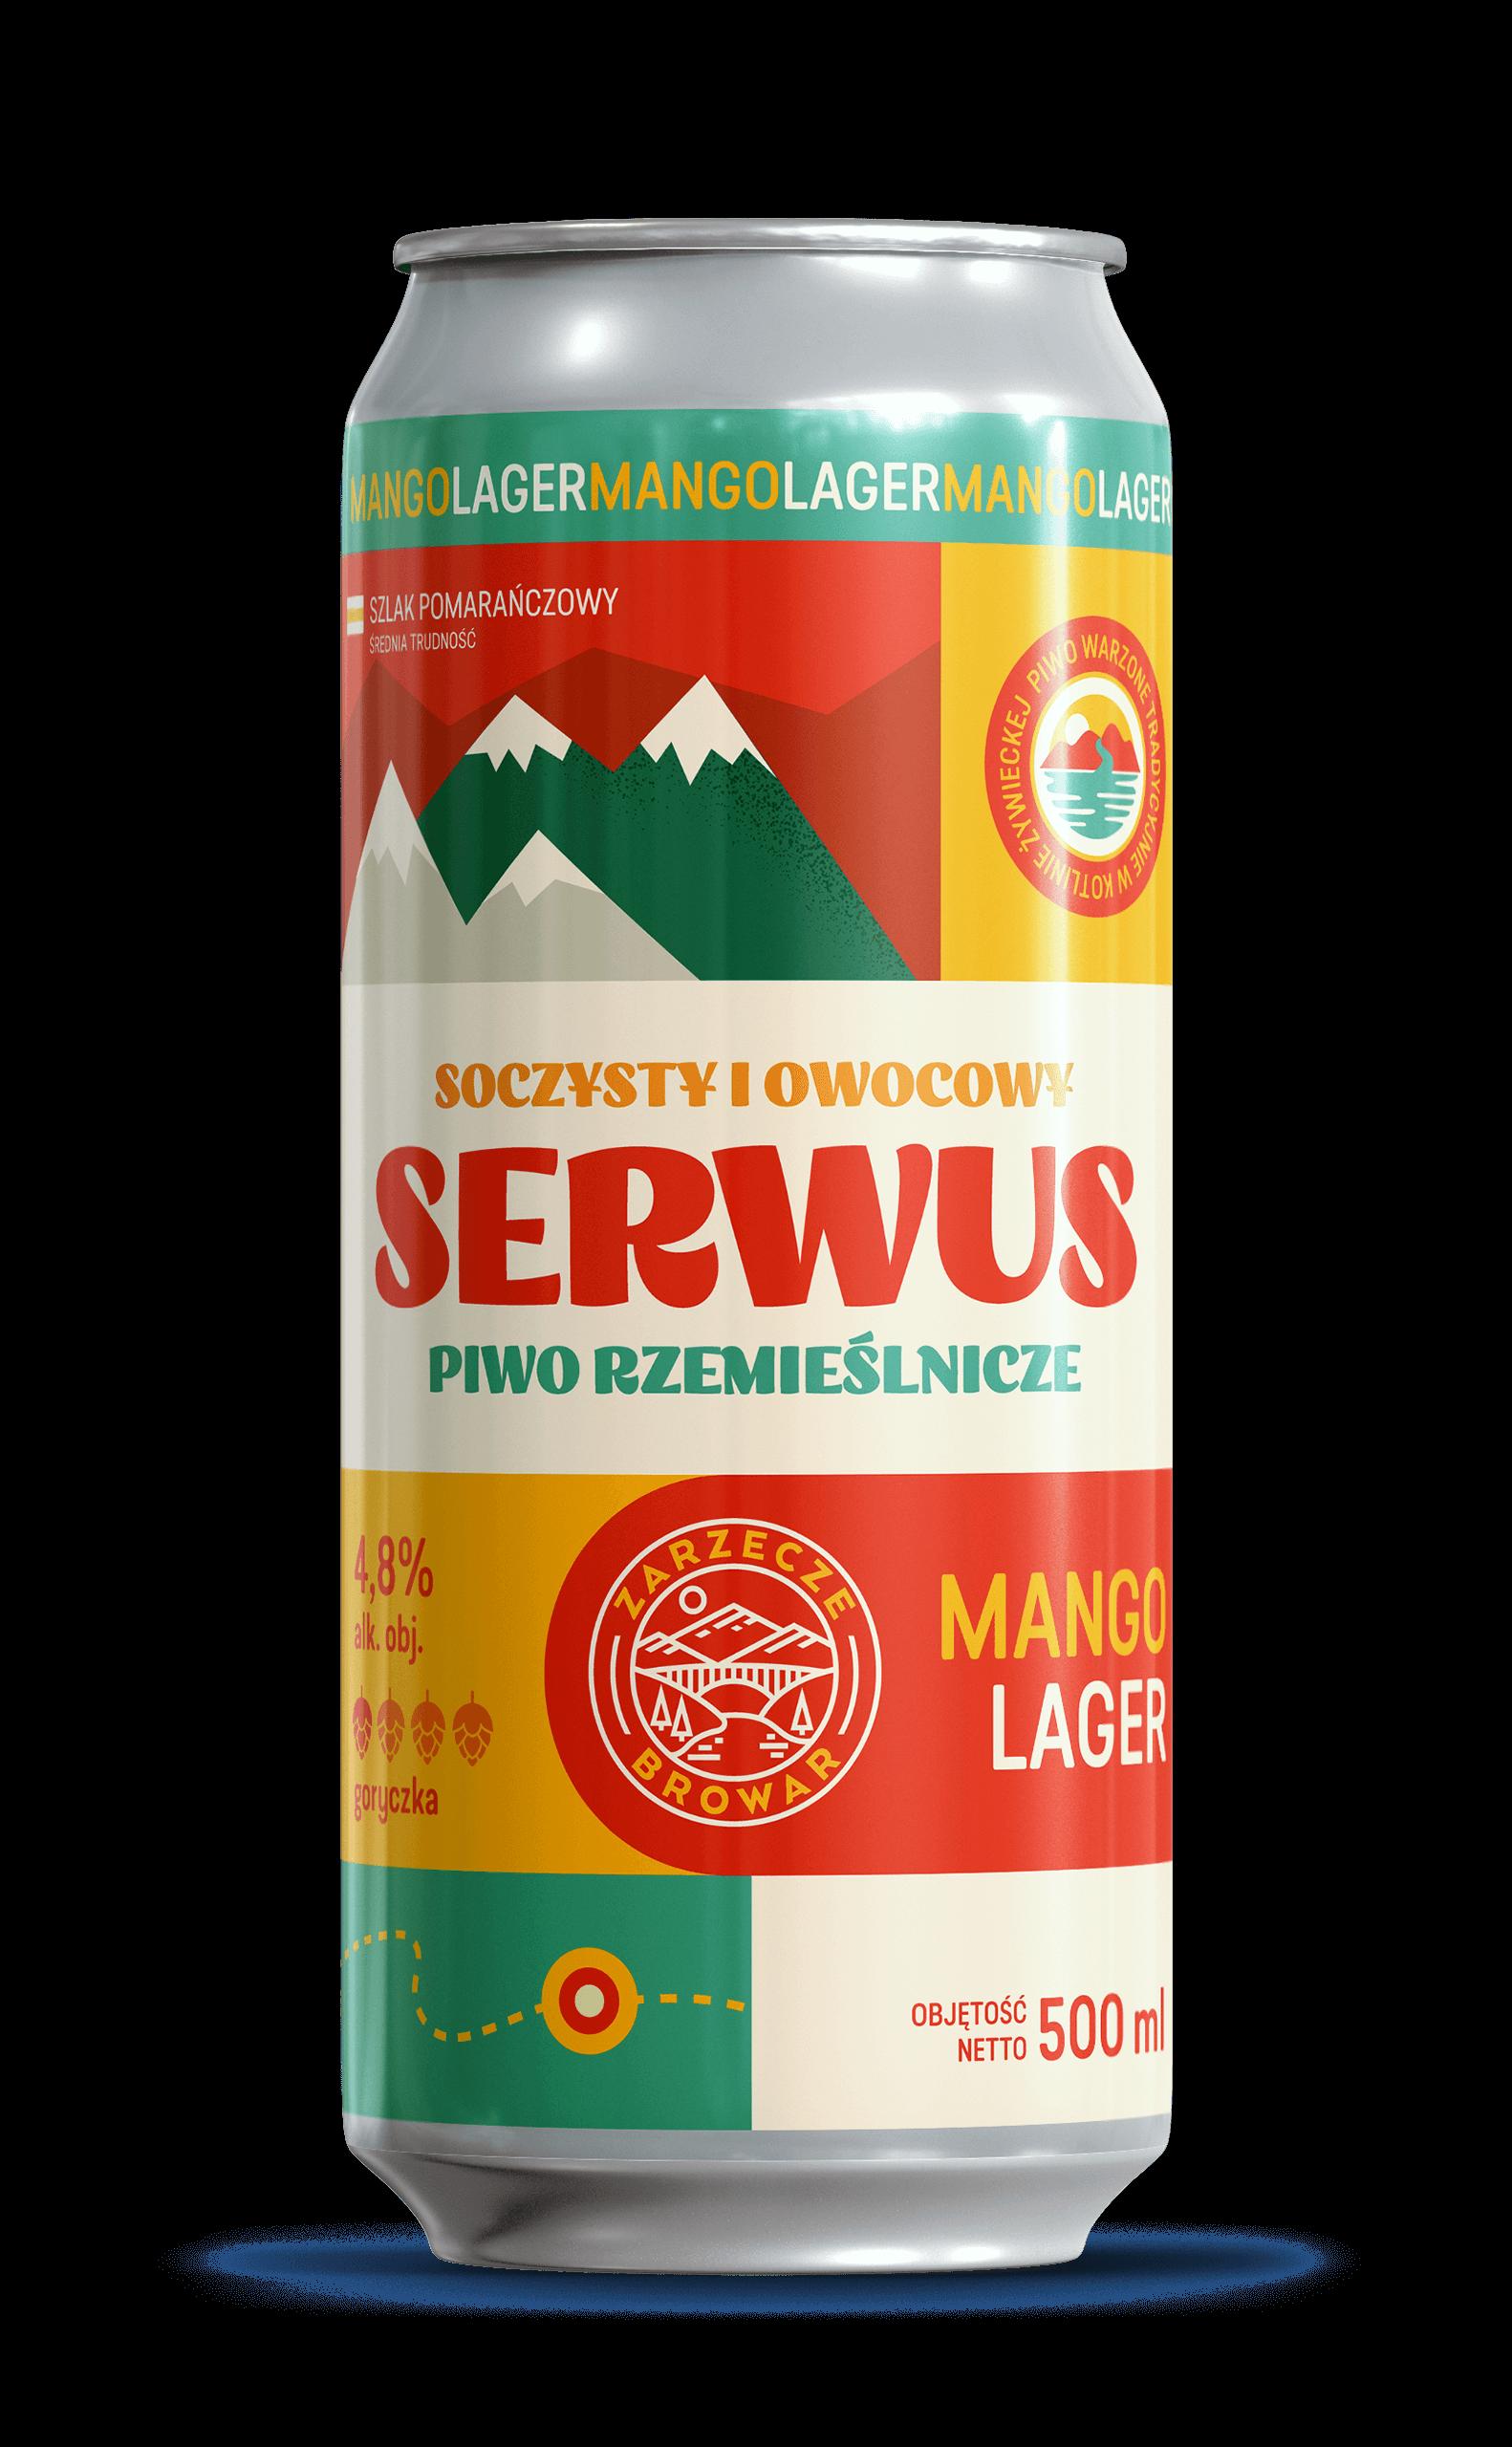 Zarzecze-Serwus-Puszka-500ml